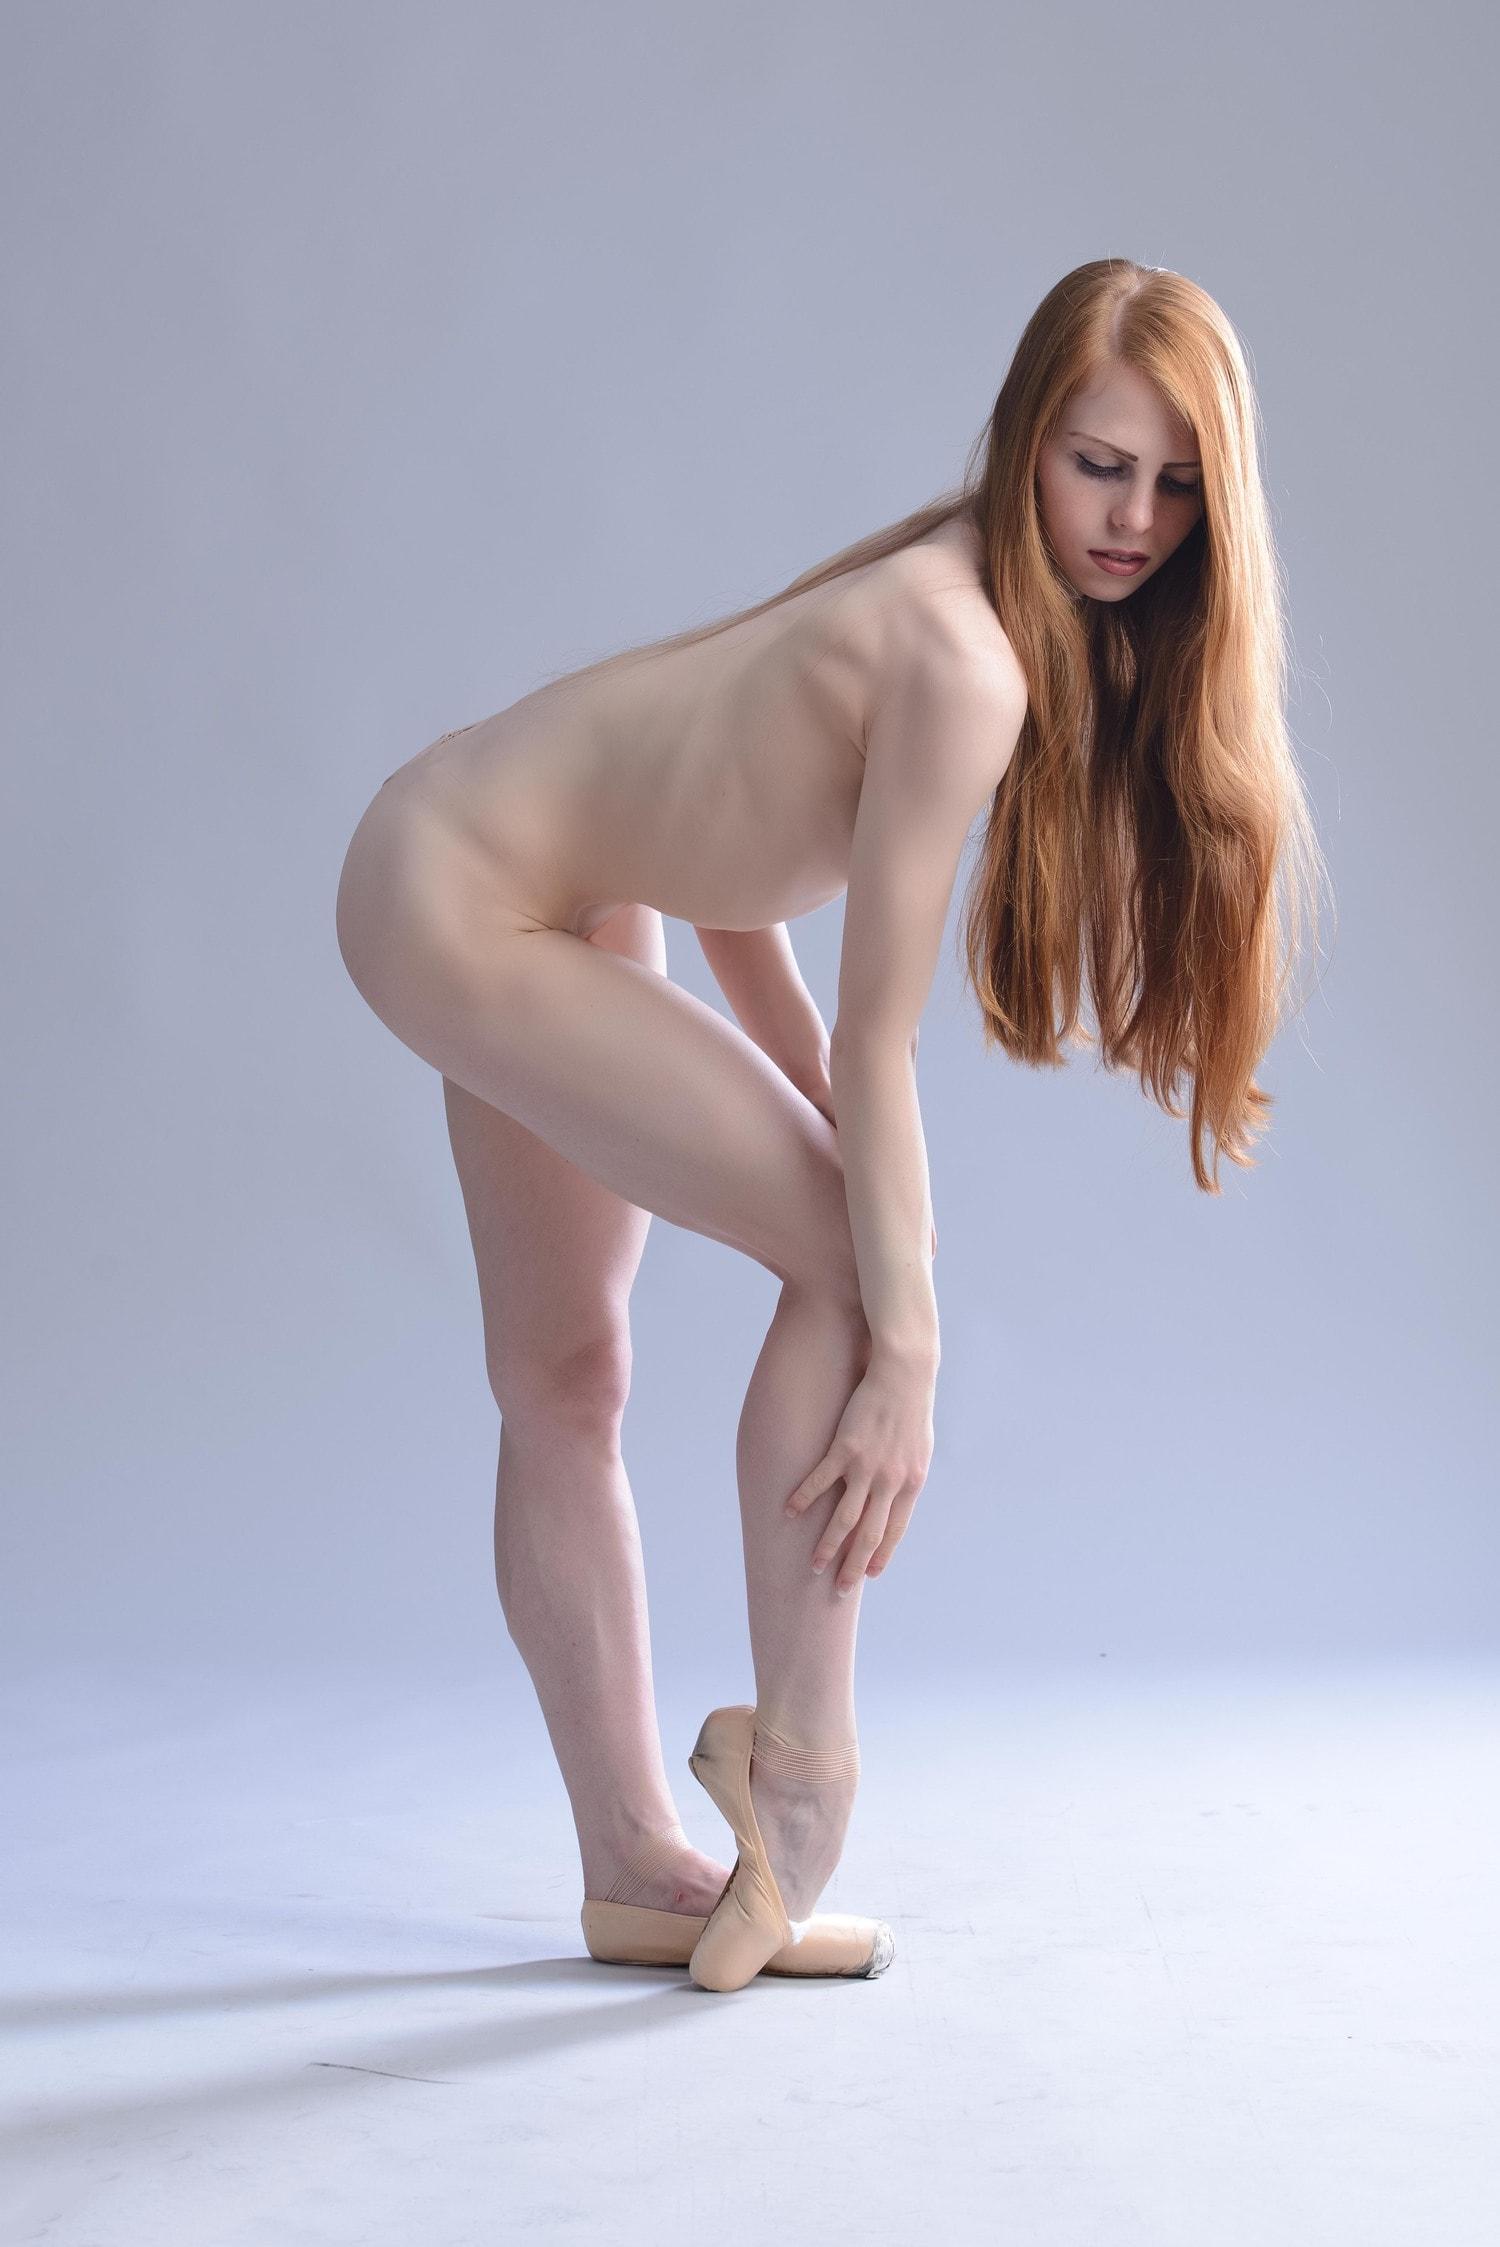 fotografía bailarina desnuda